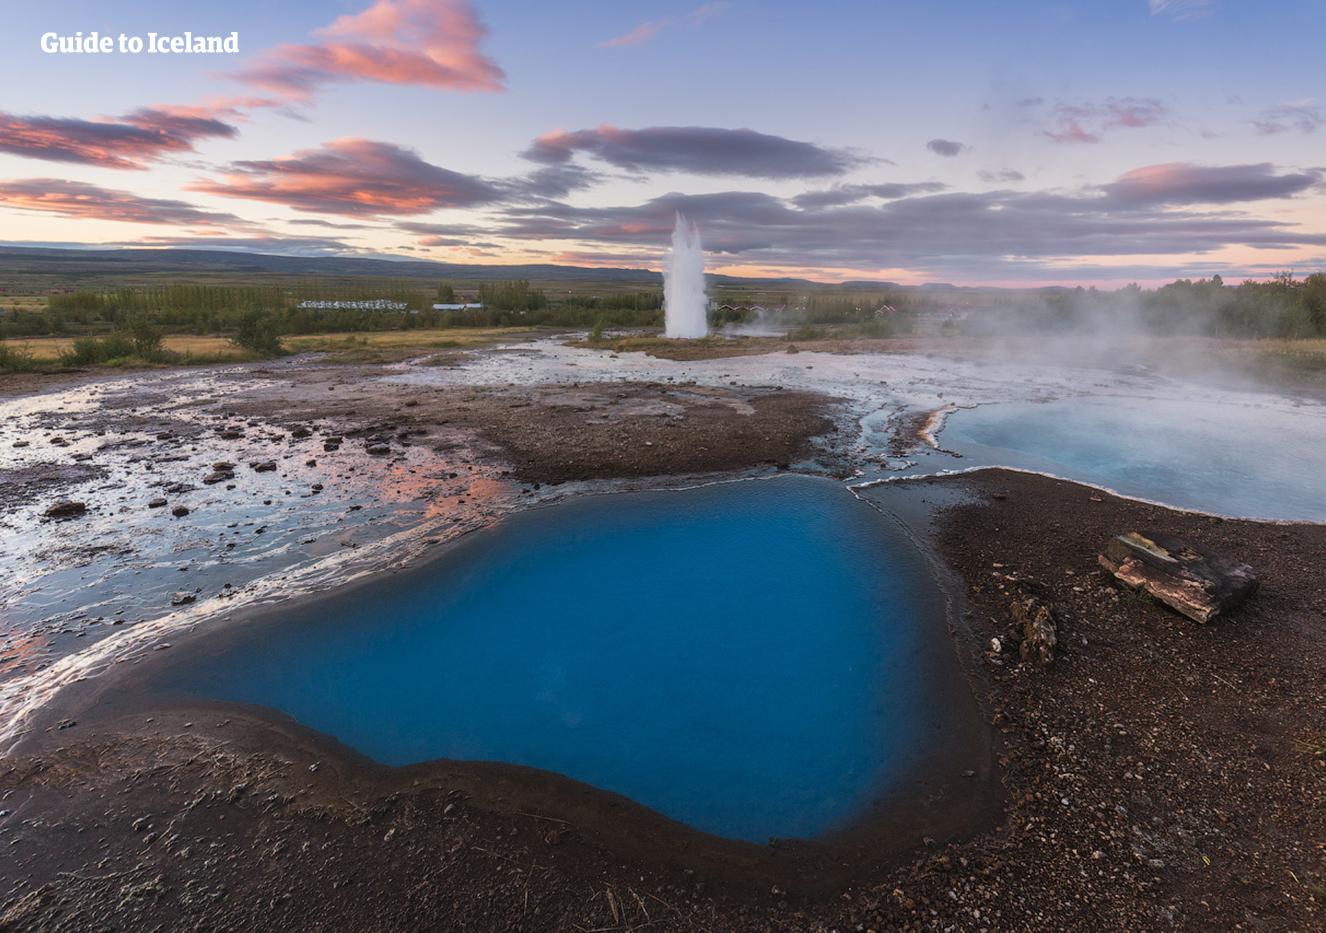 在冰岛黄金圈景区的盖歇尔间歇泉地热区,您将看到Strokkur间歇泉每隔5~10分钟便壮丽喷发一次